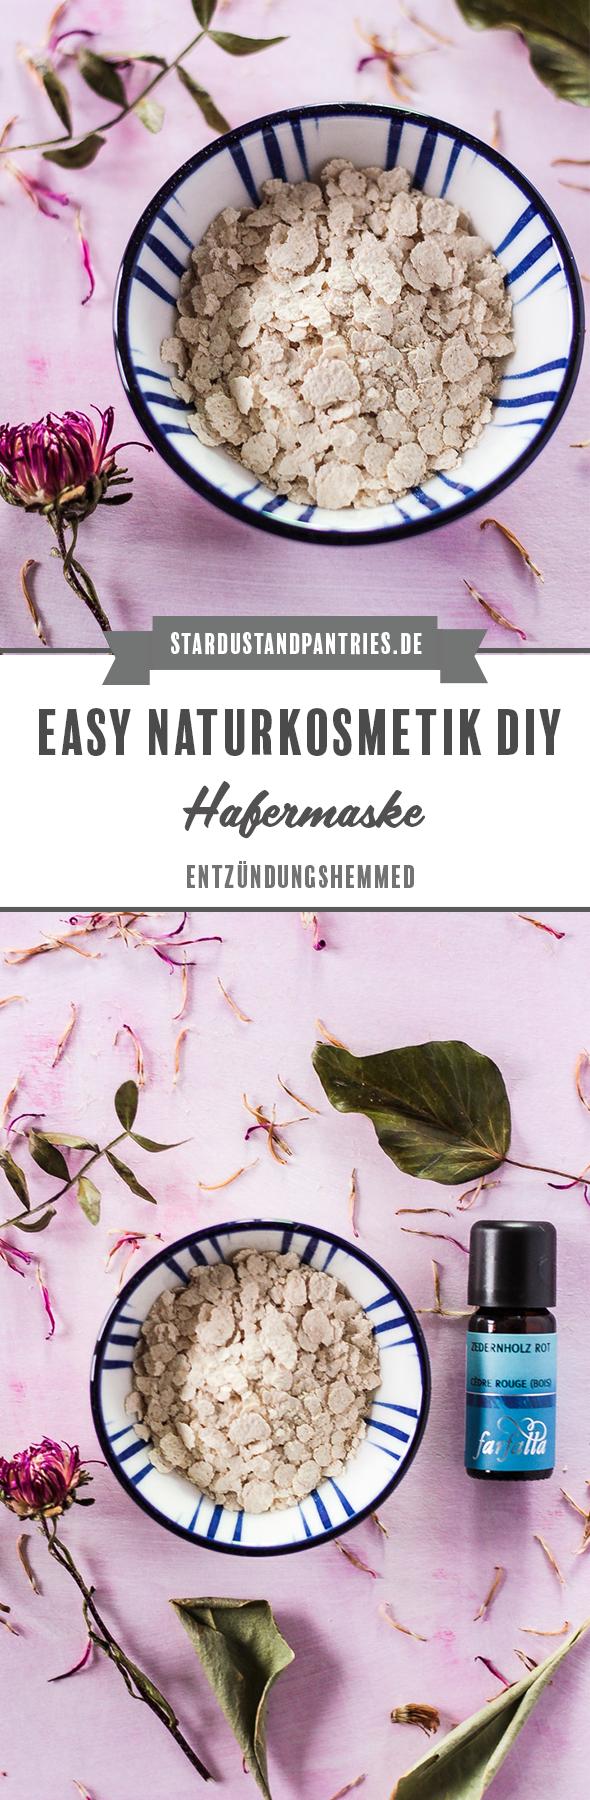 Naturkosmetik DIY: Eine schnelle Gesichtsmaske mit entzündungshemmenden Eigenschaften mit Hafer. #Naturkosmetik #DIY #Hautpflege